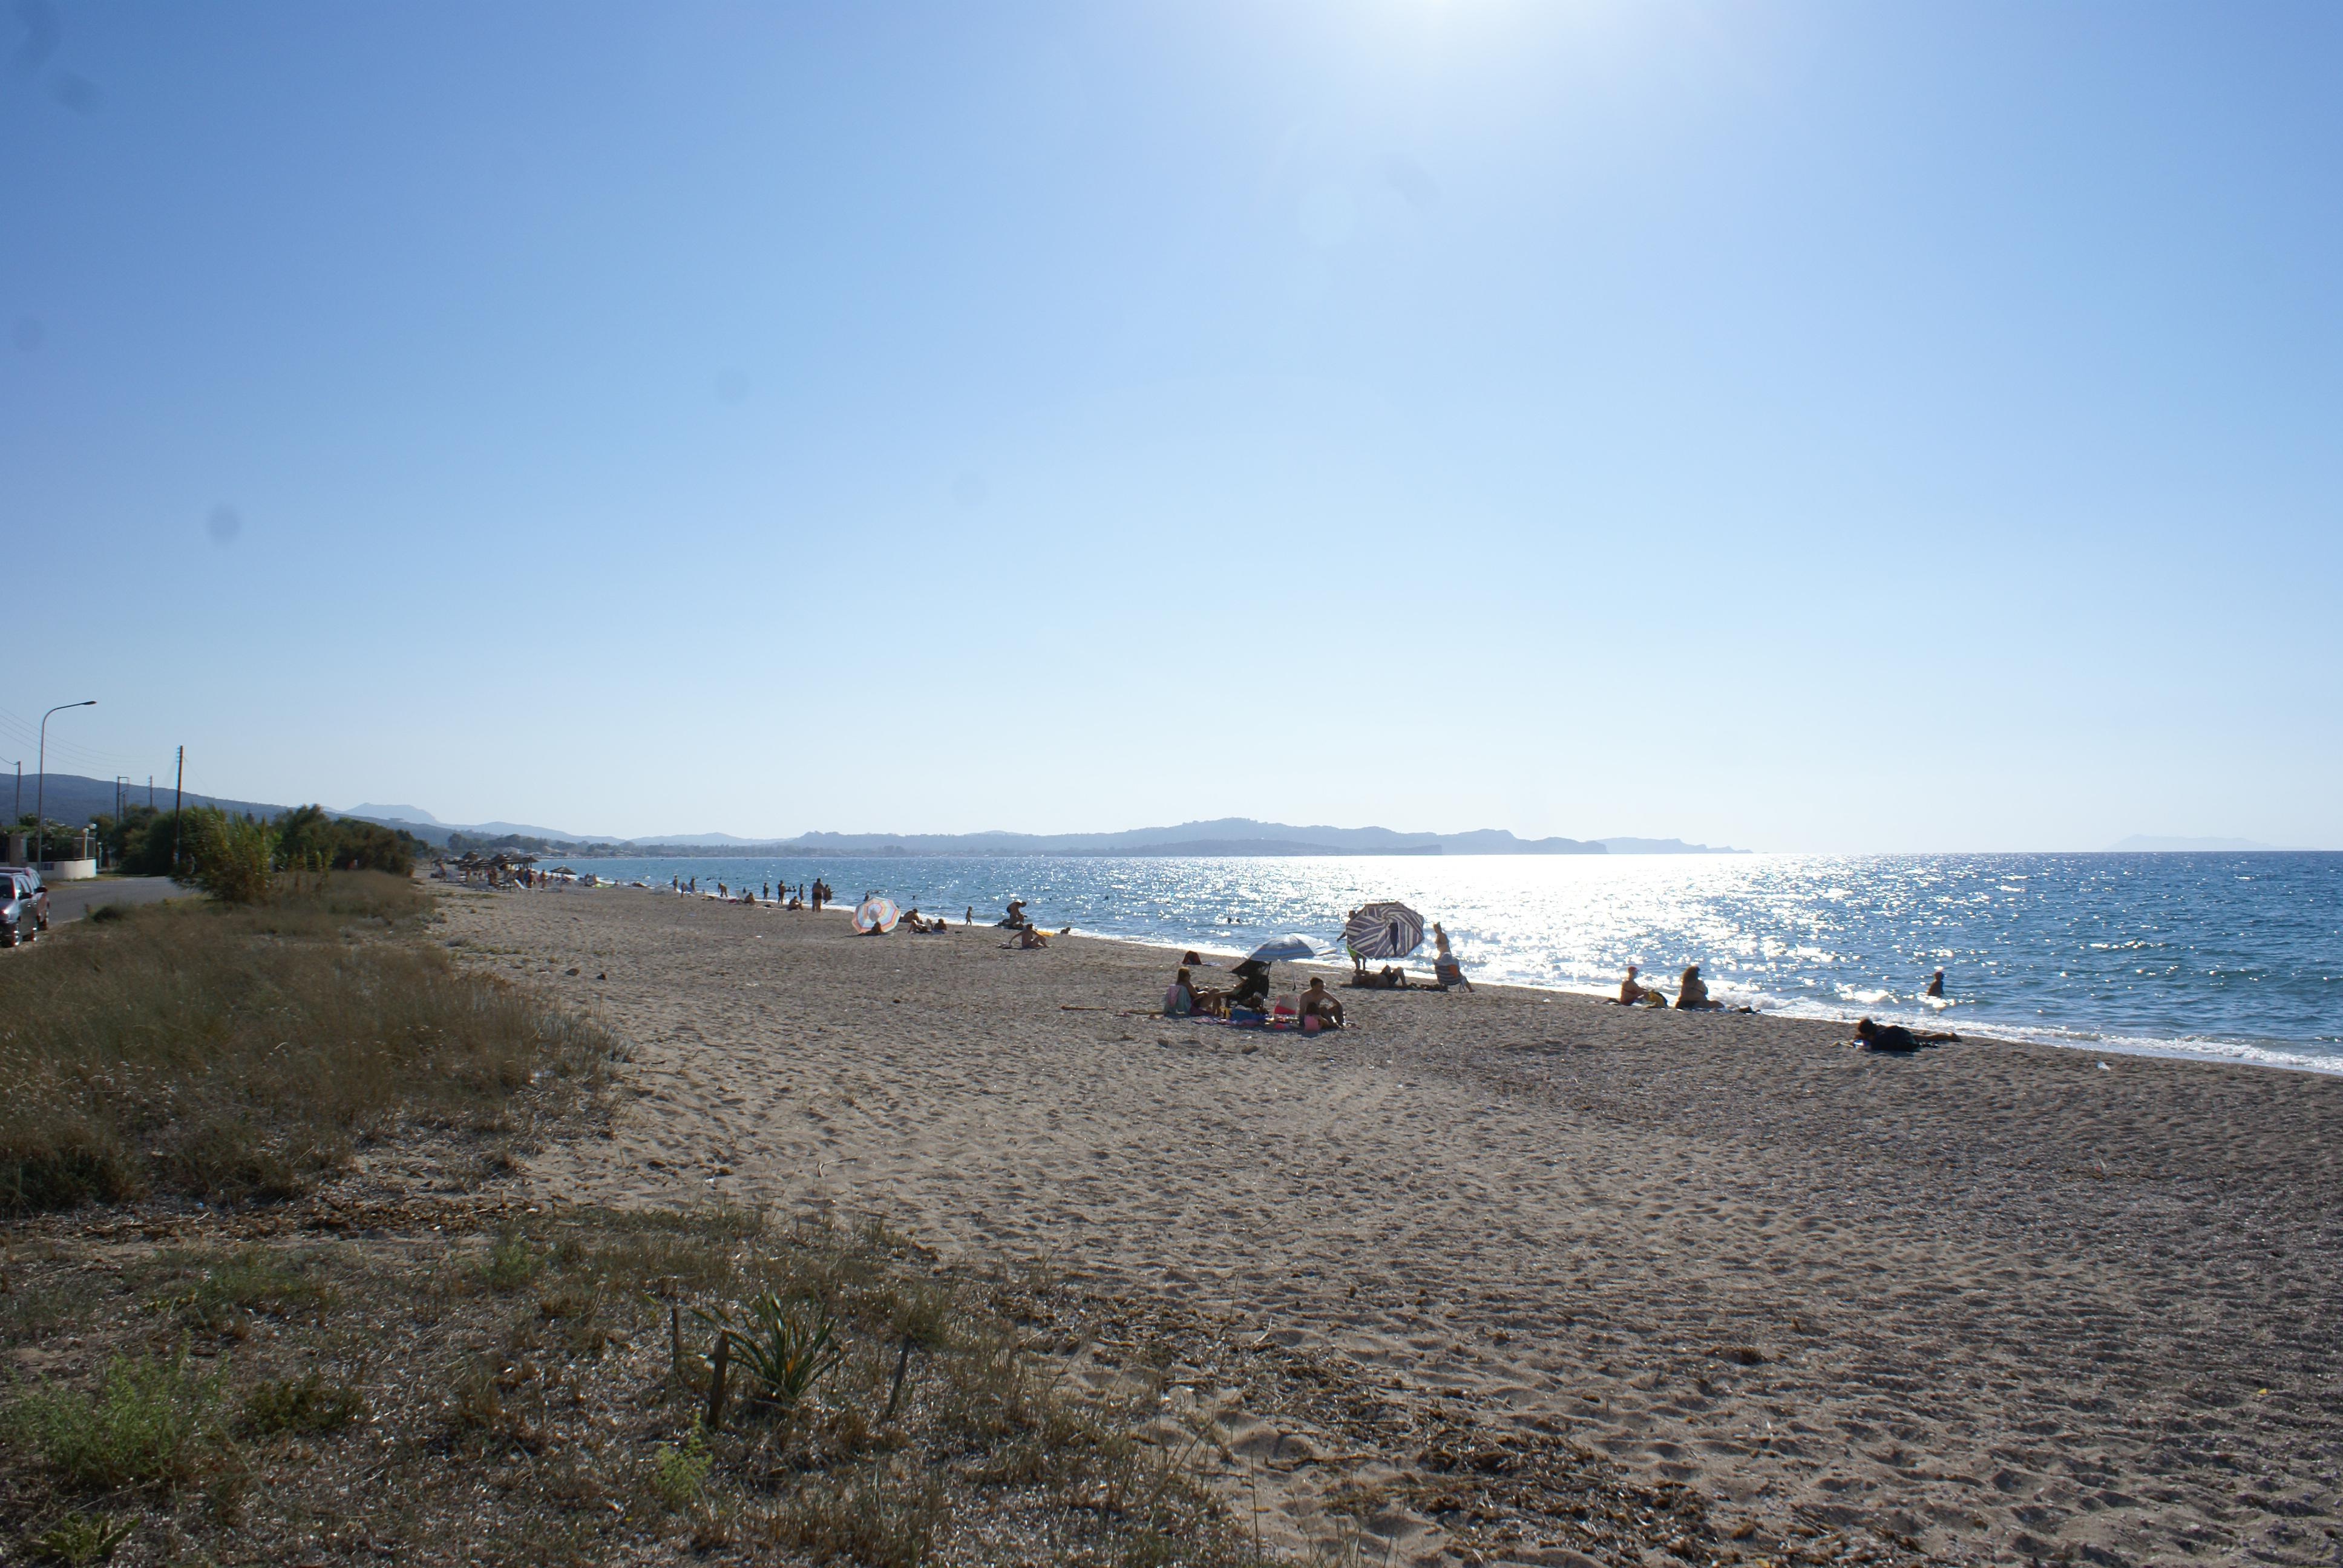 Strand von Almiros - in der Nähe der Korfu Villa Mare e Monti, Almiros, KorfuCorfu.de